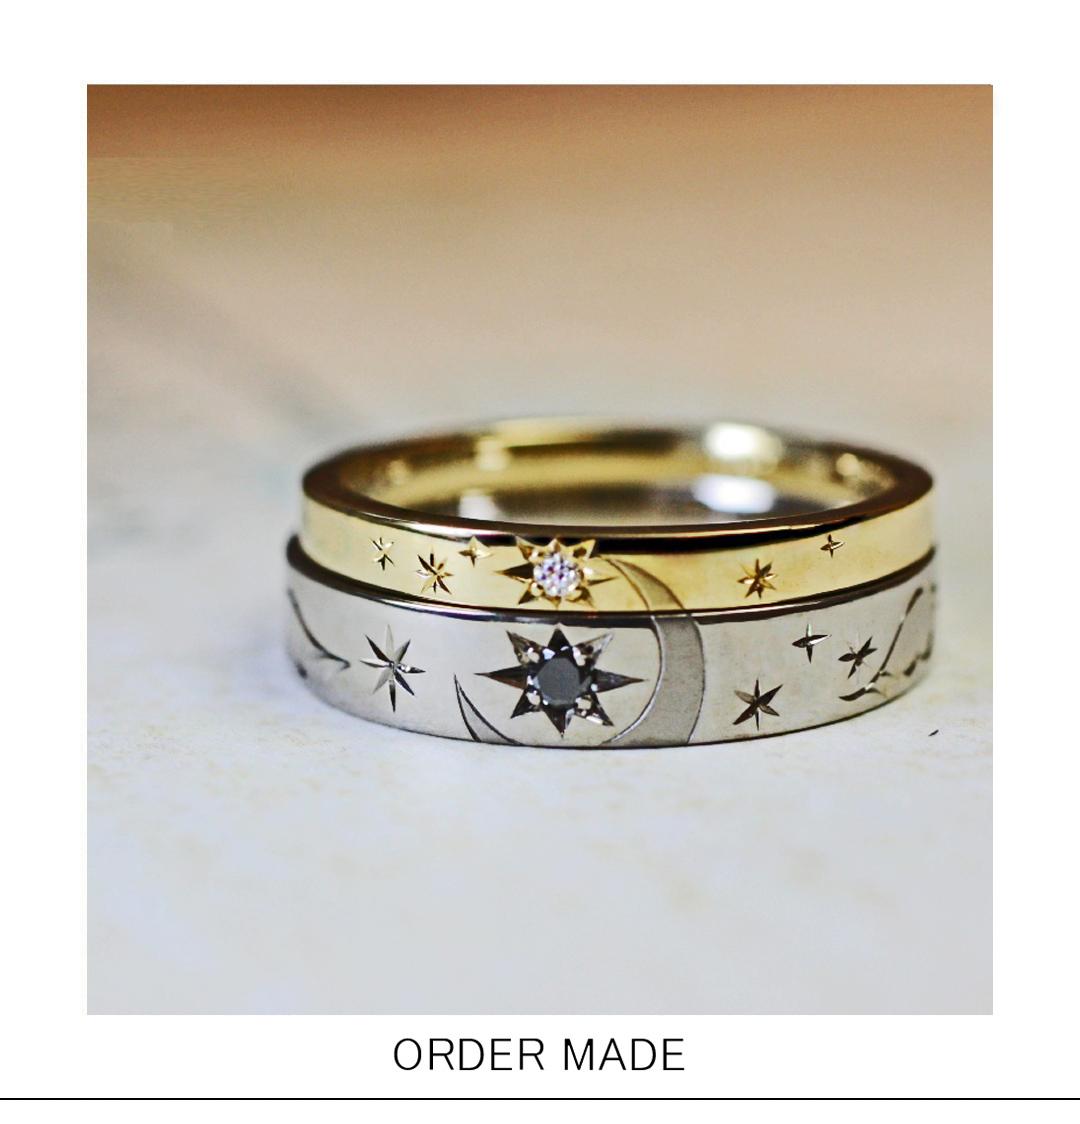 2本重ねて月と星をつくるゴールドの結婚指輪オーダーメイドリングのサムネイル